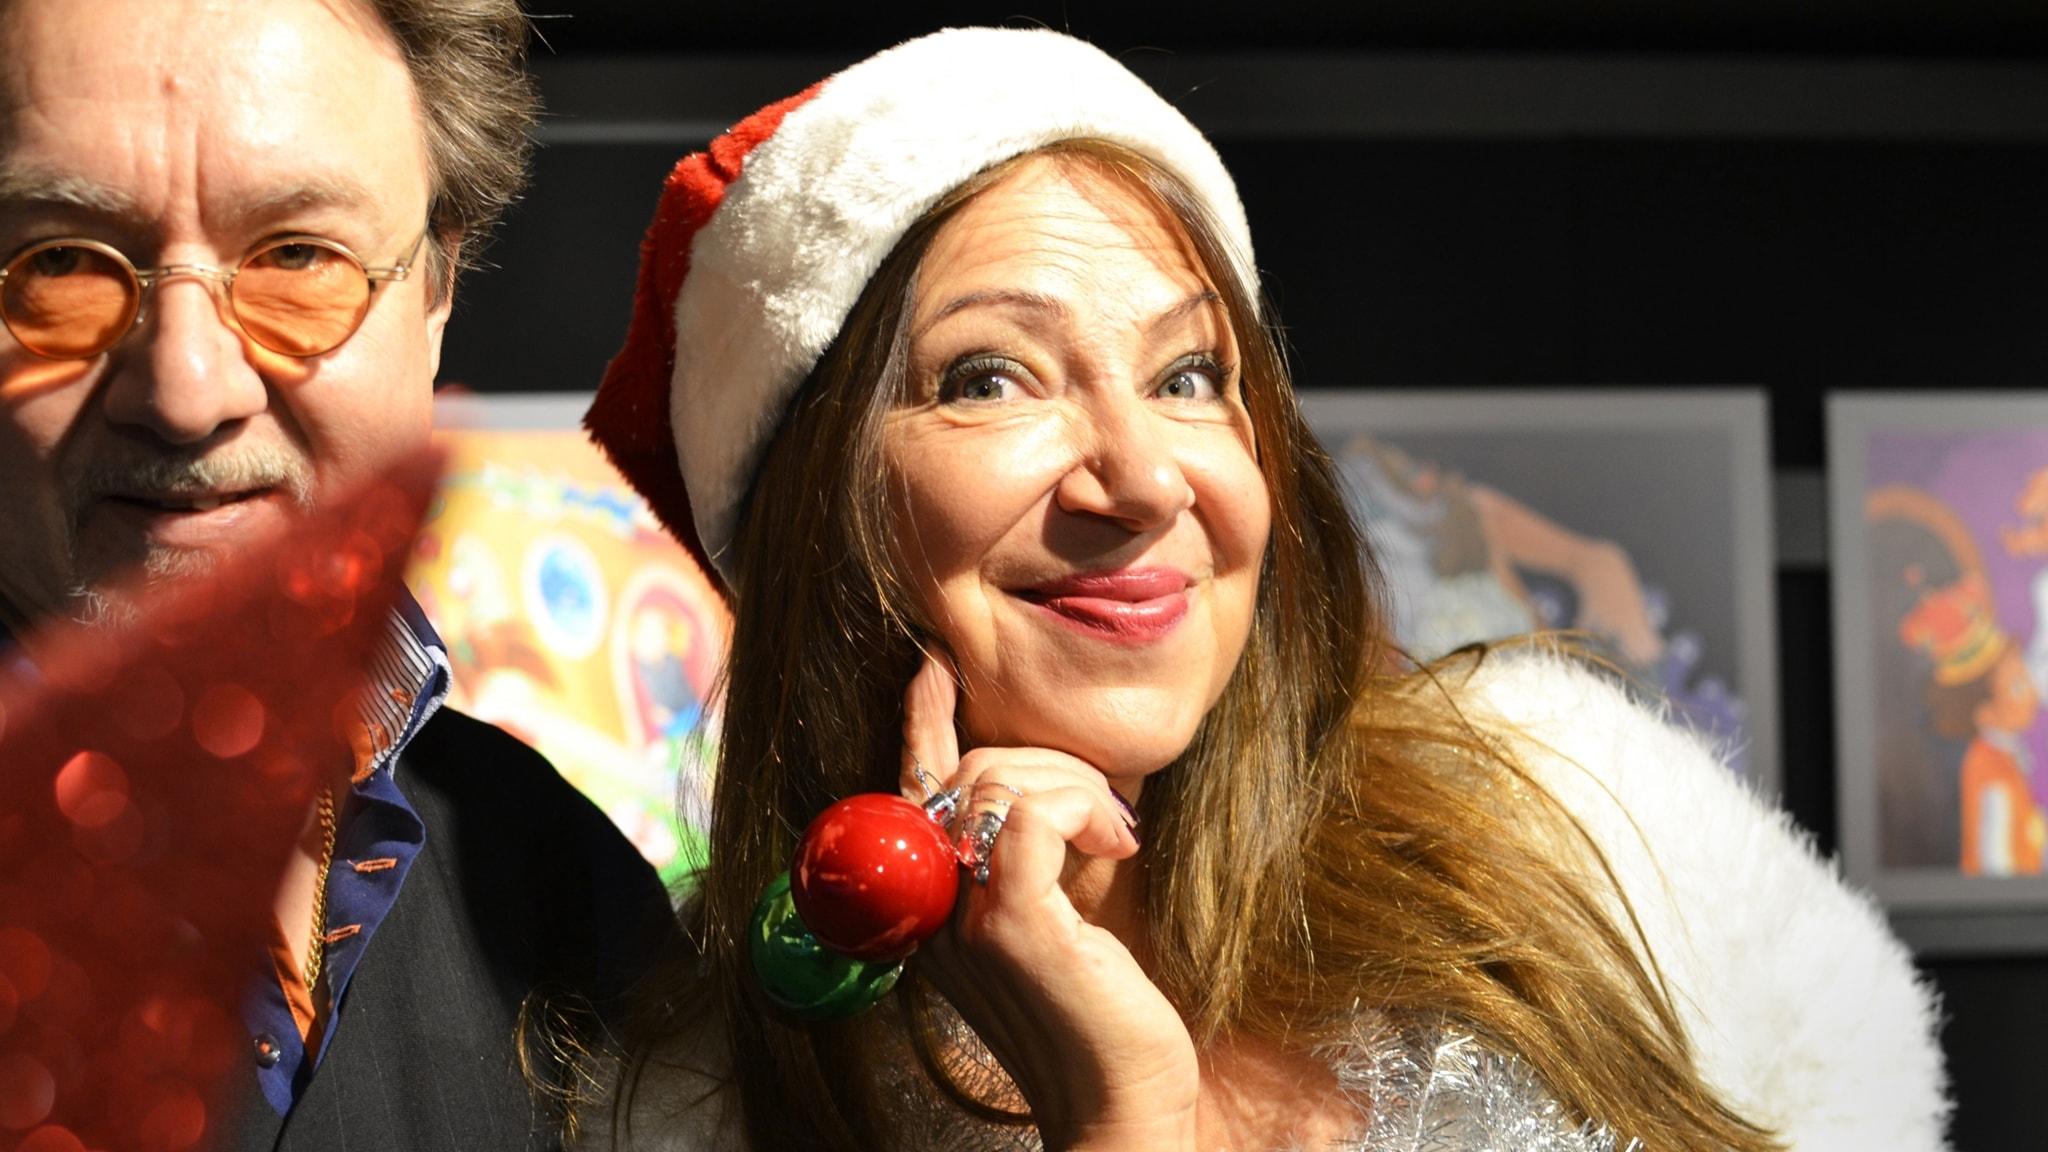 Puhelinlangat laulaa jouluterveisiä aatonaattona